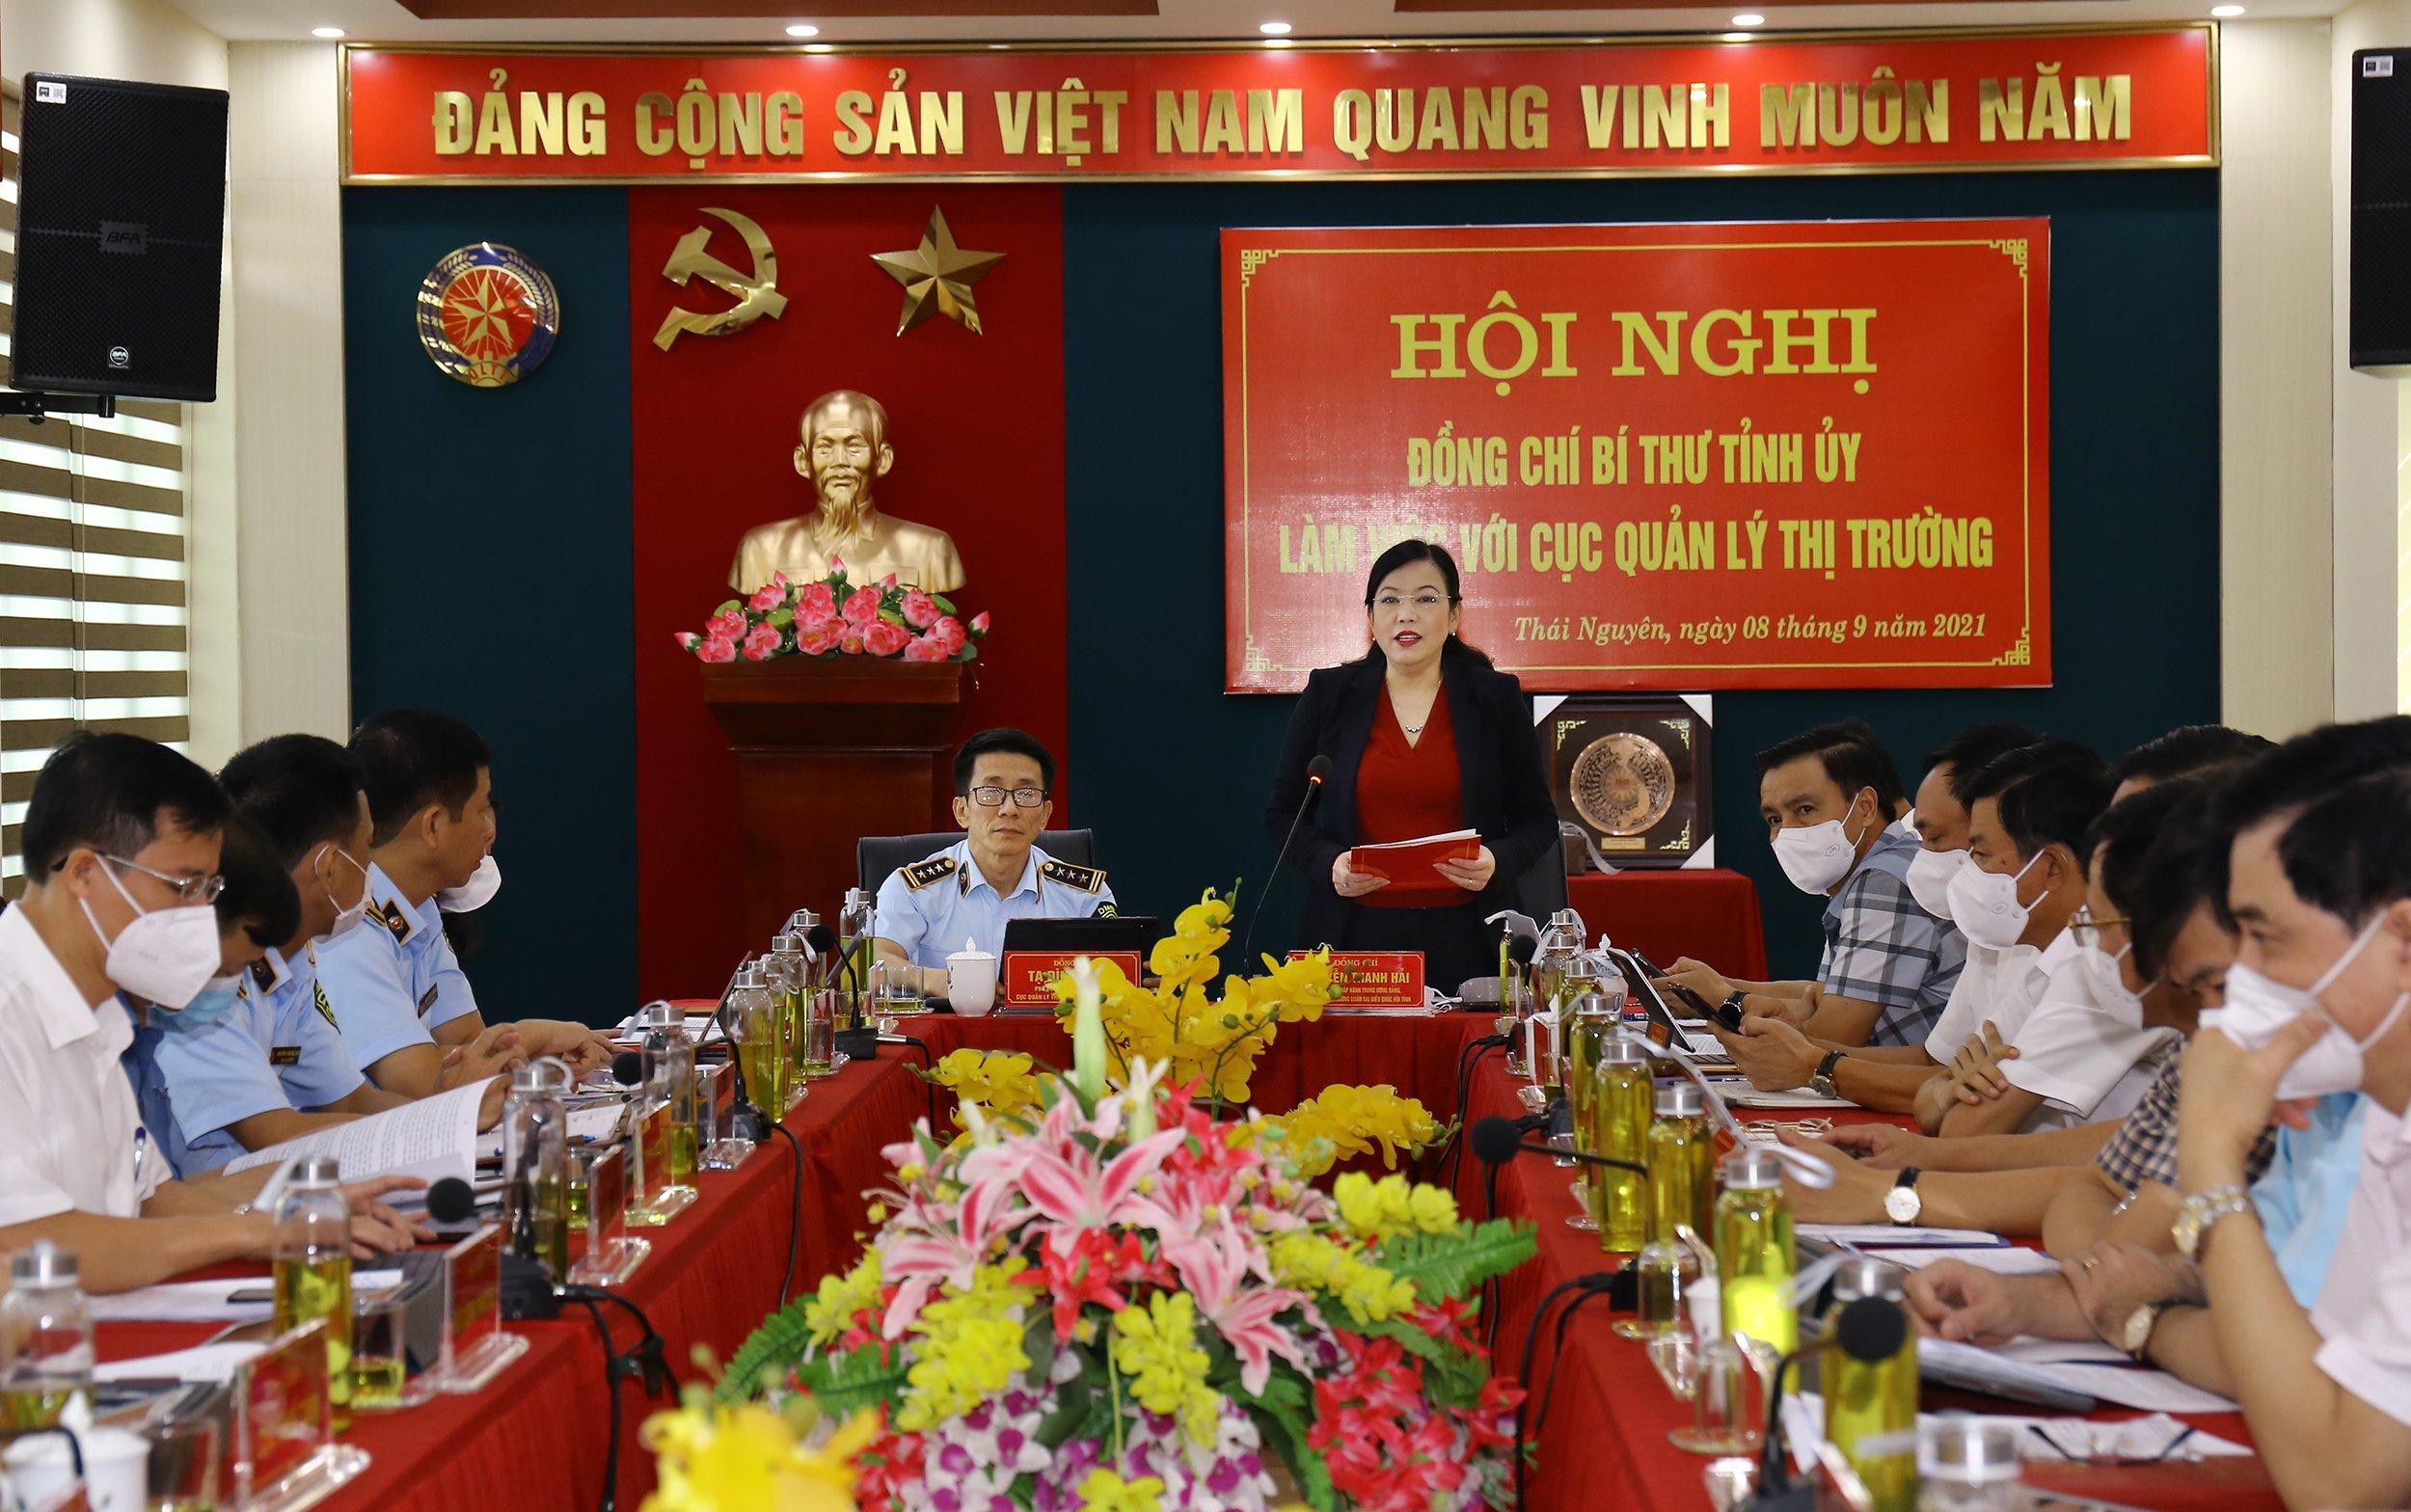 Cục Quản lý thị trường tỉnh Thái Nguyên phấn đấu hướng đến mục tiêu chuyên nghiệp, chính quy